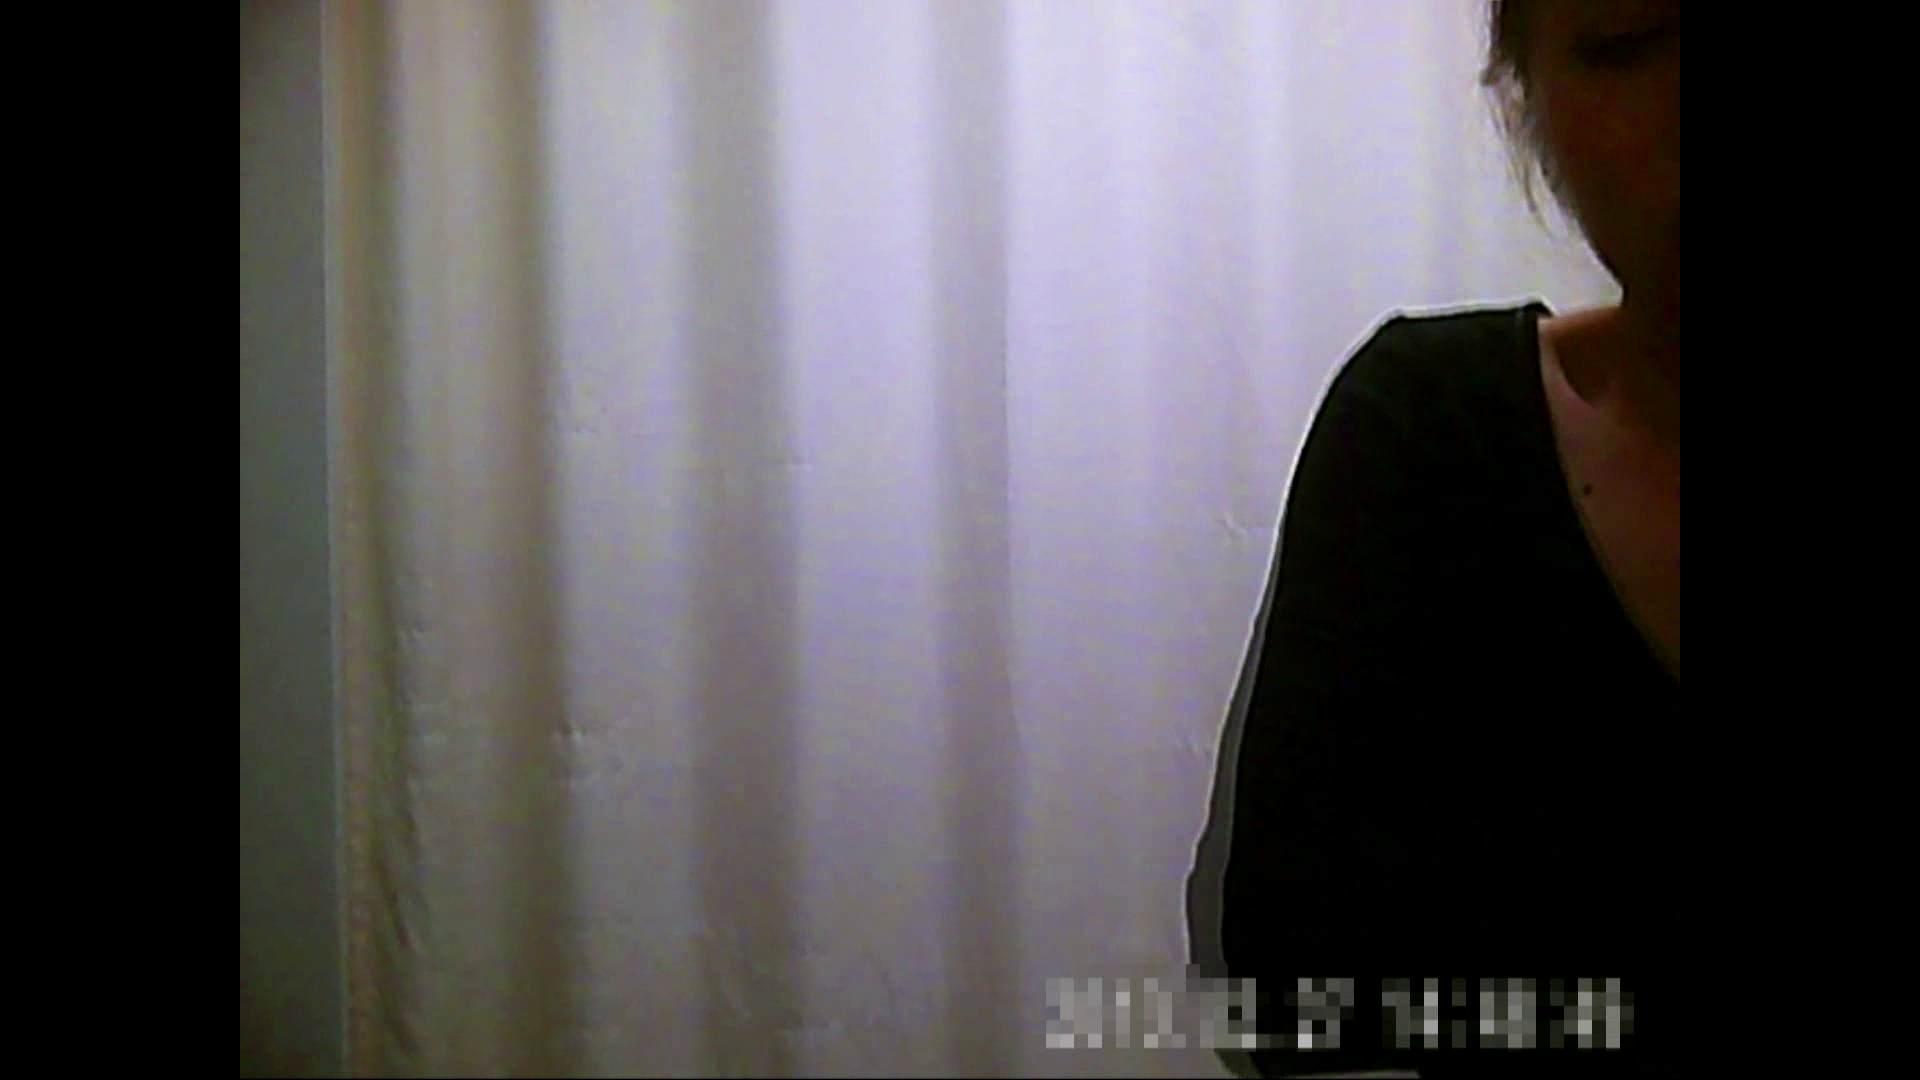 無修正エロ動画|元医者による反抗 更衣室地獄絵巻 vol.104|怪盗ジョーカー